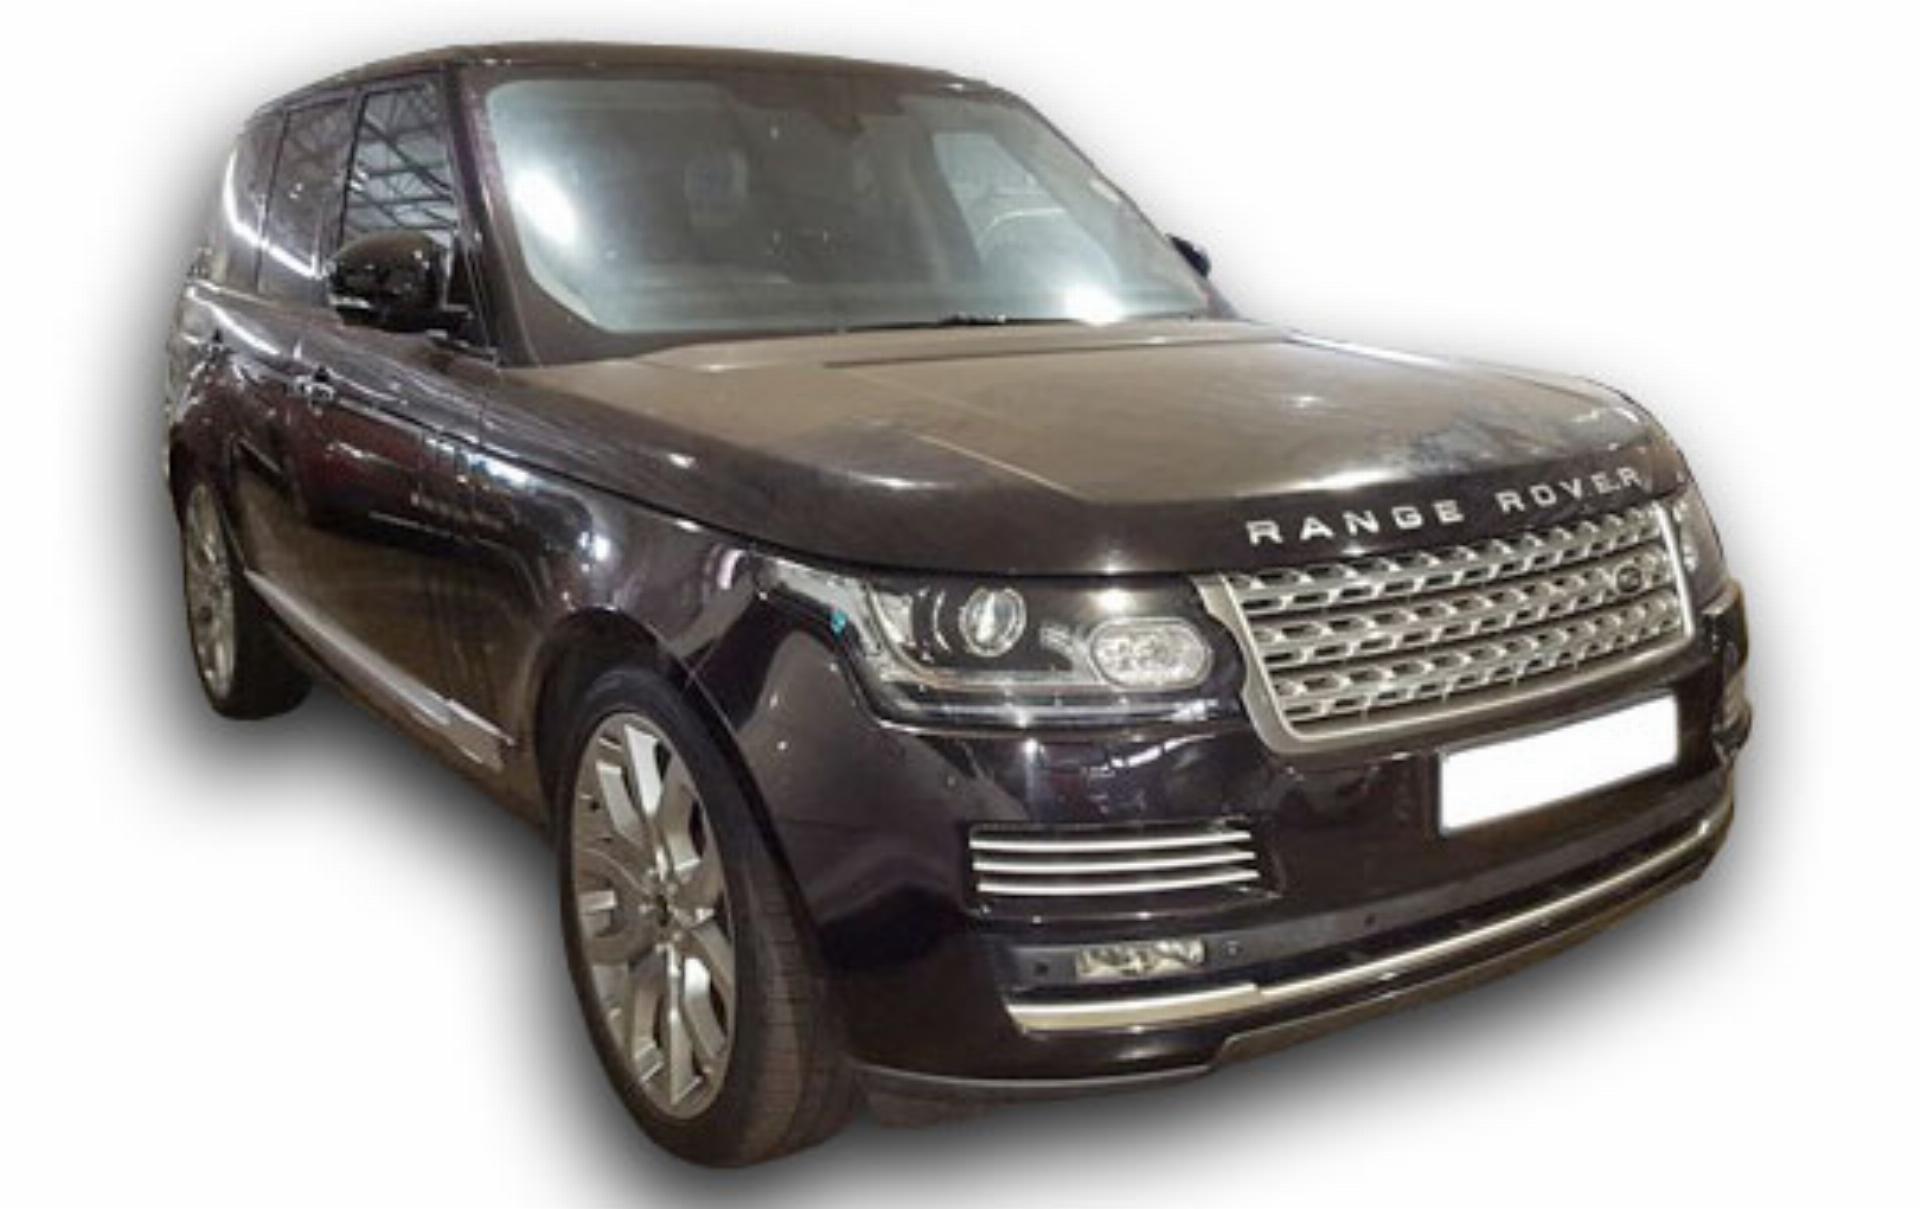 Land Rover Range Rover 4.4 S